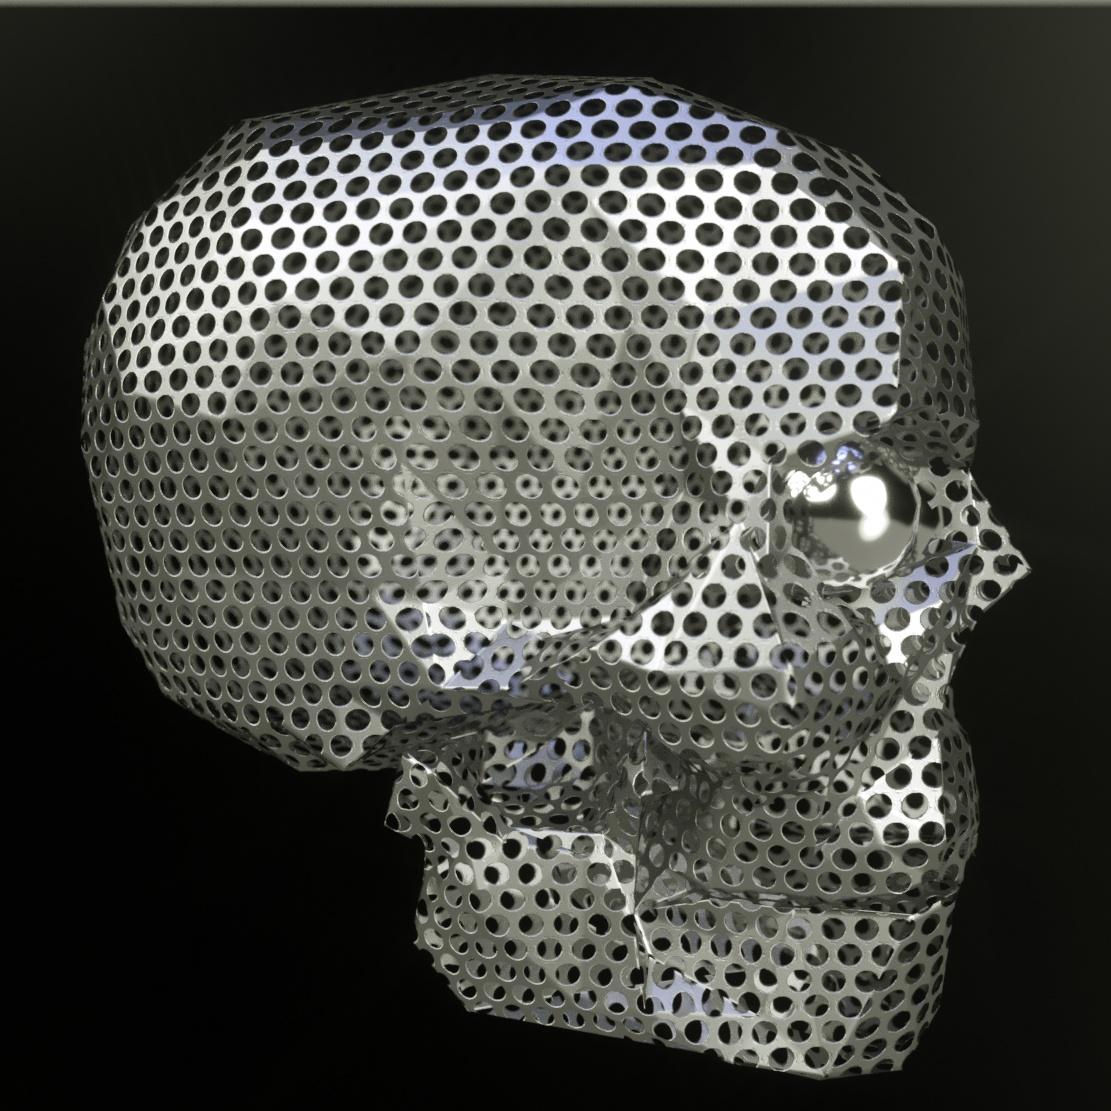 skull_cybermonk-de_artification_081.jpg2.jpg